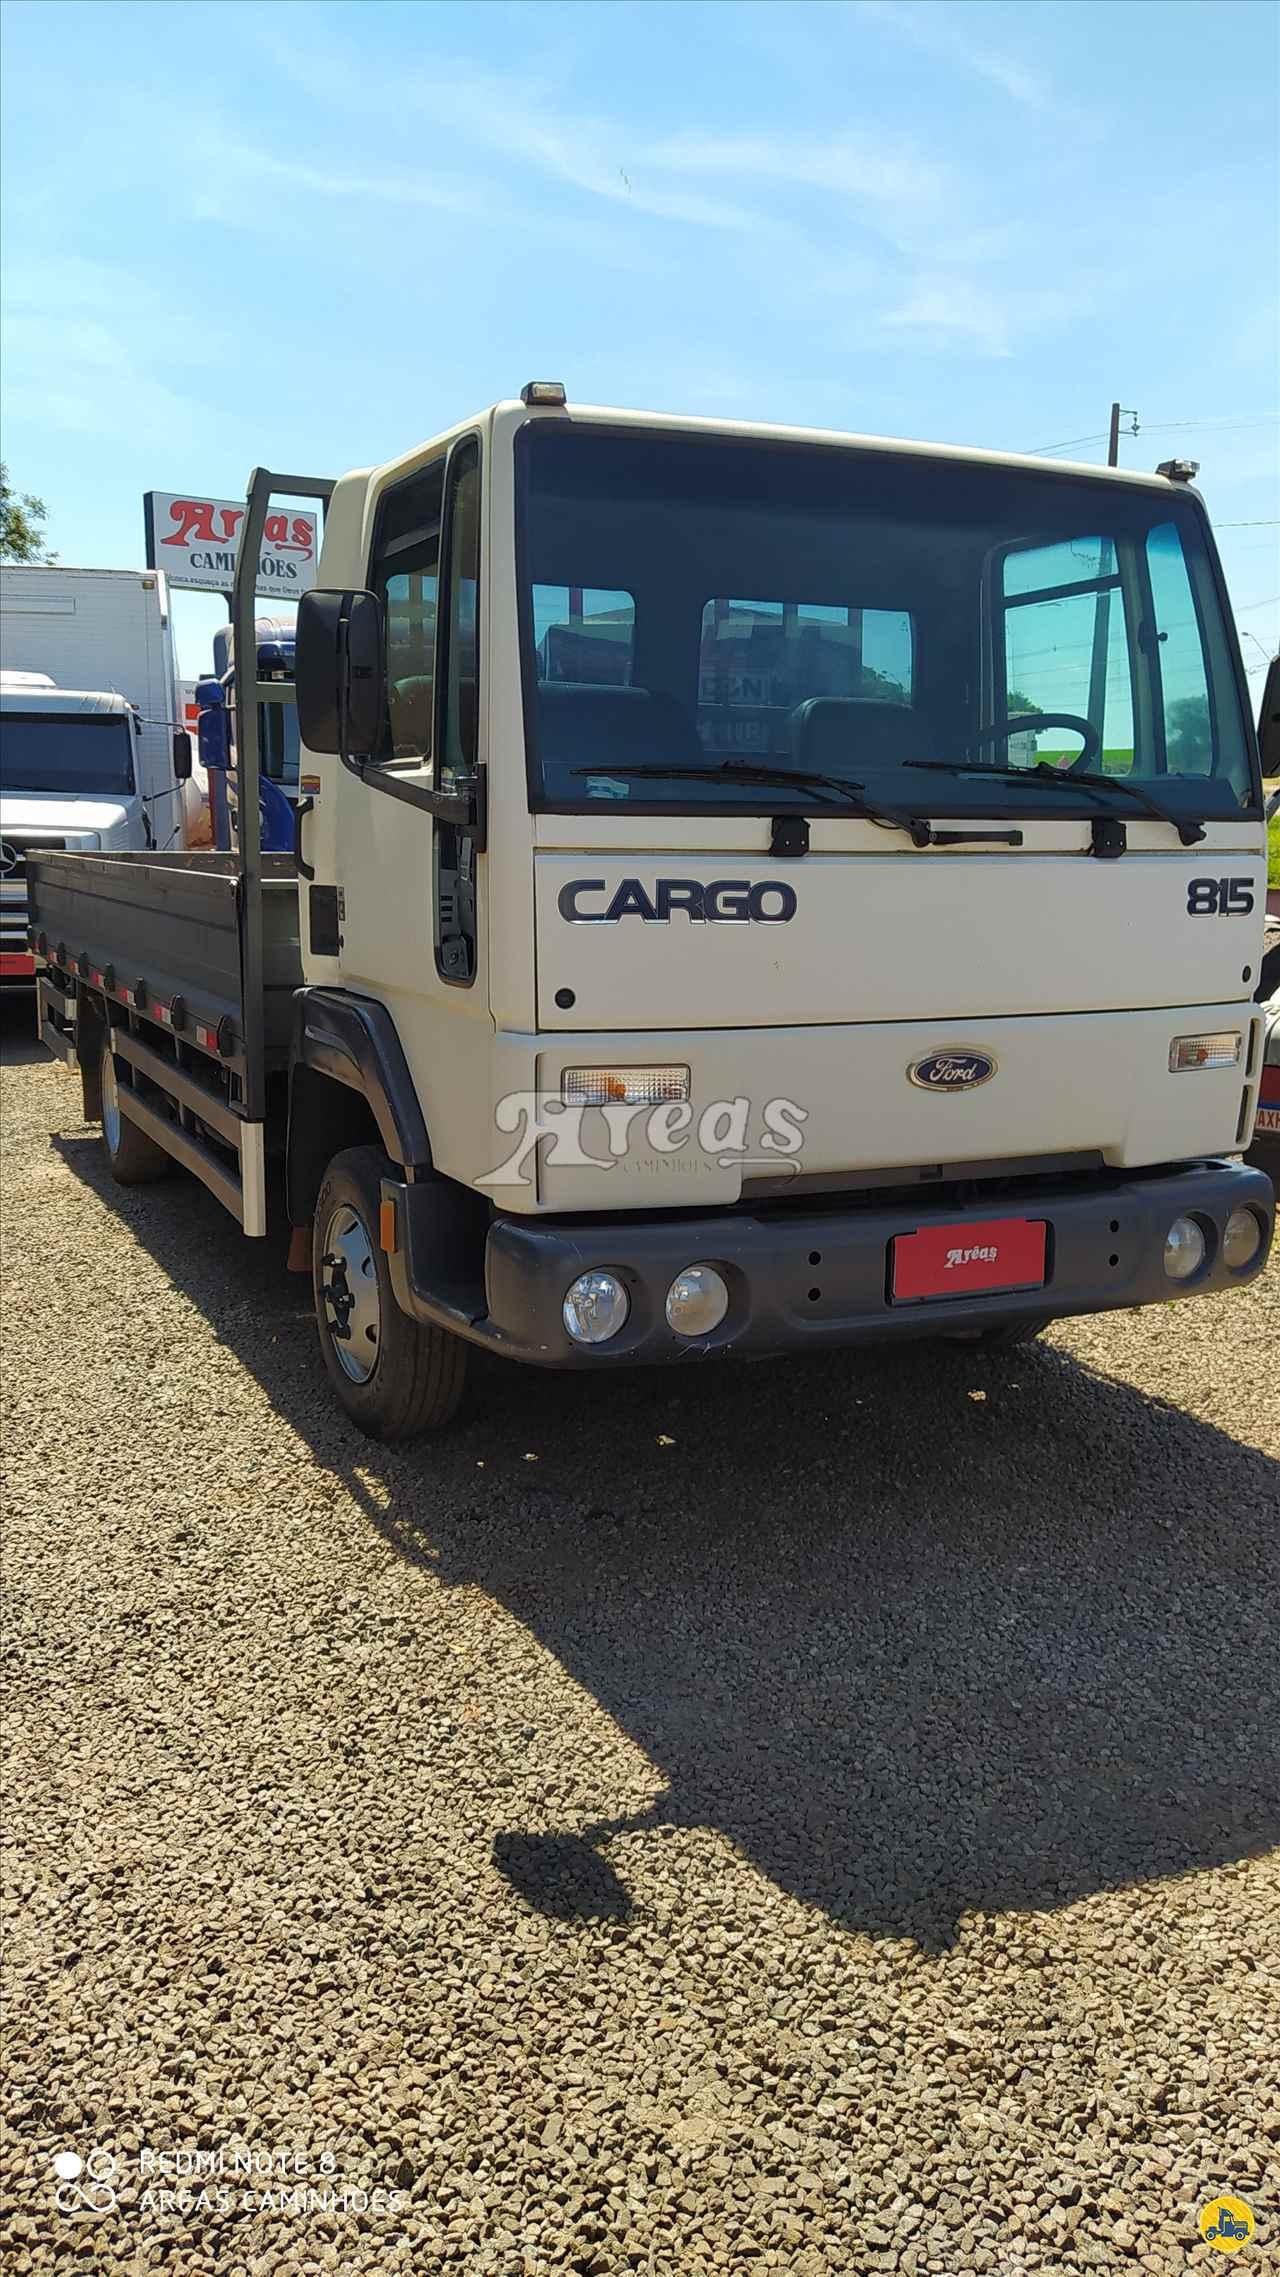 CARGO 815 de Arêas Caminhões - MARINGA/PR